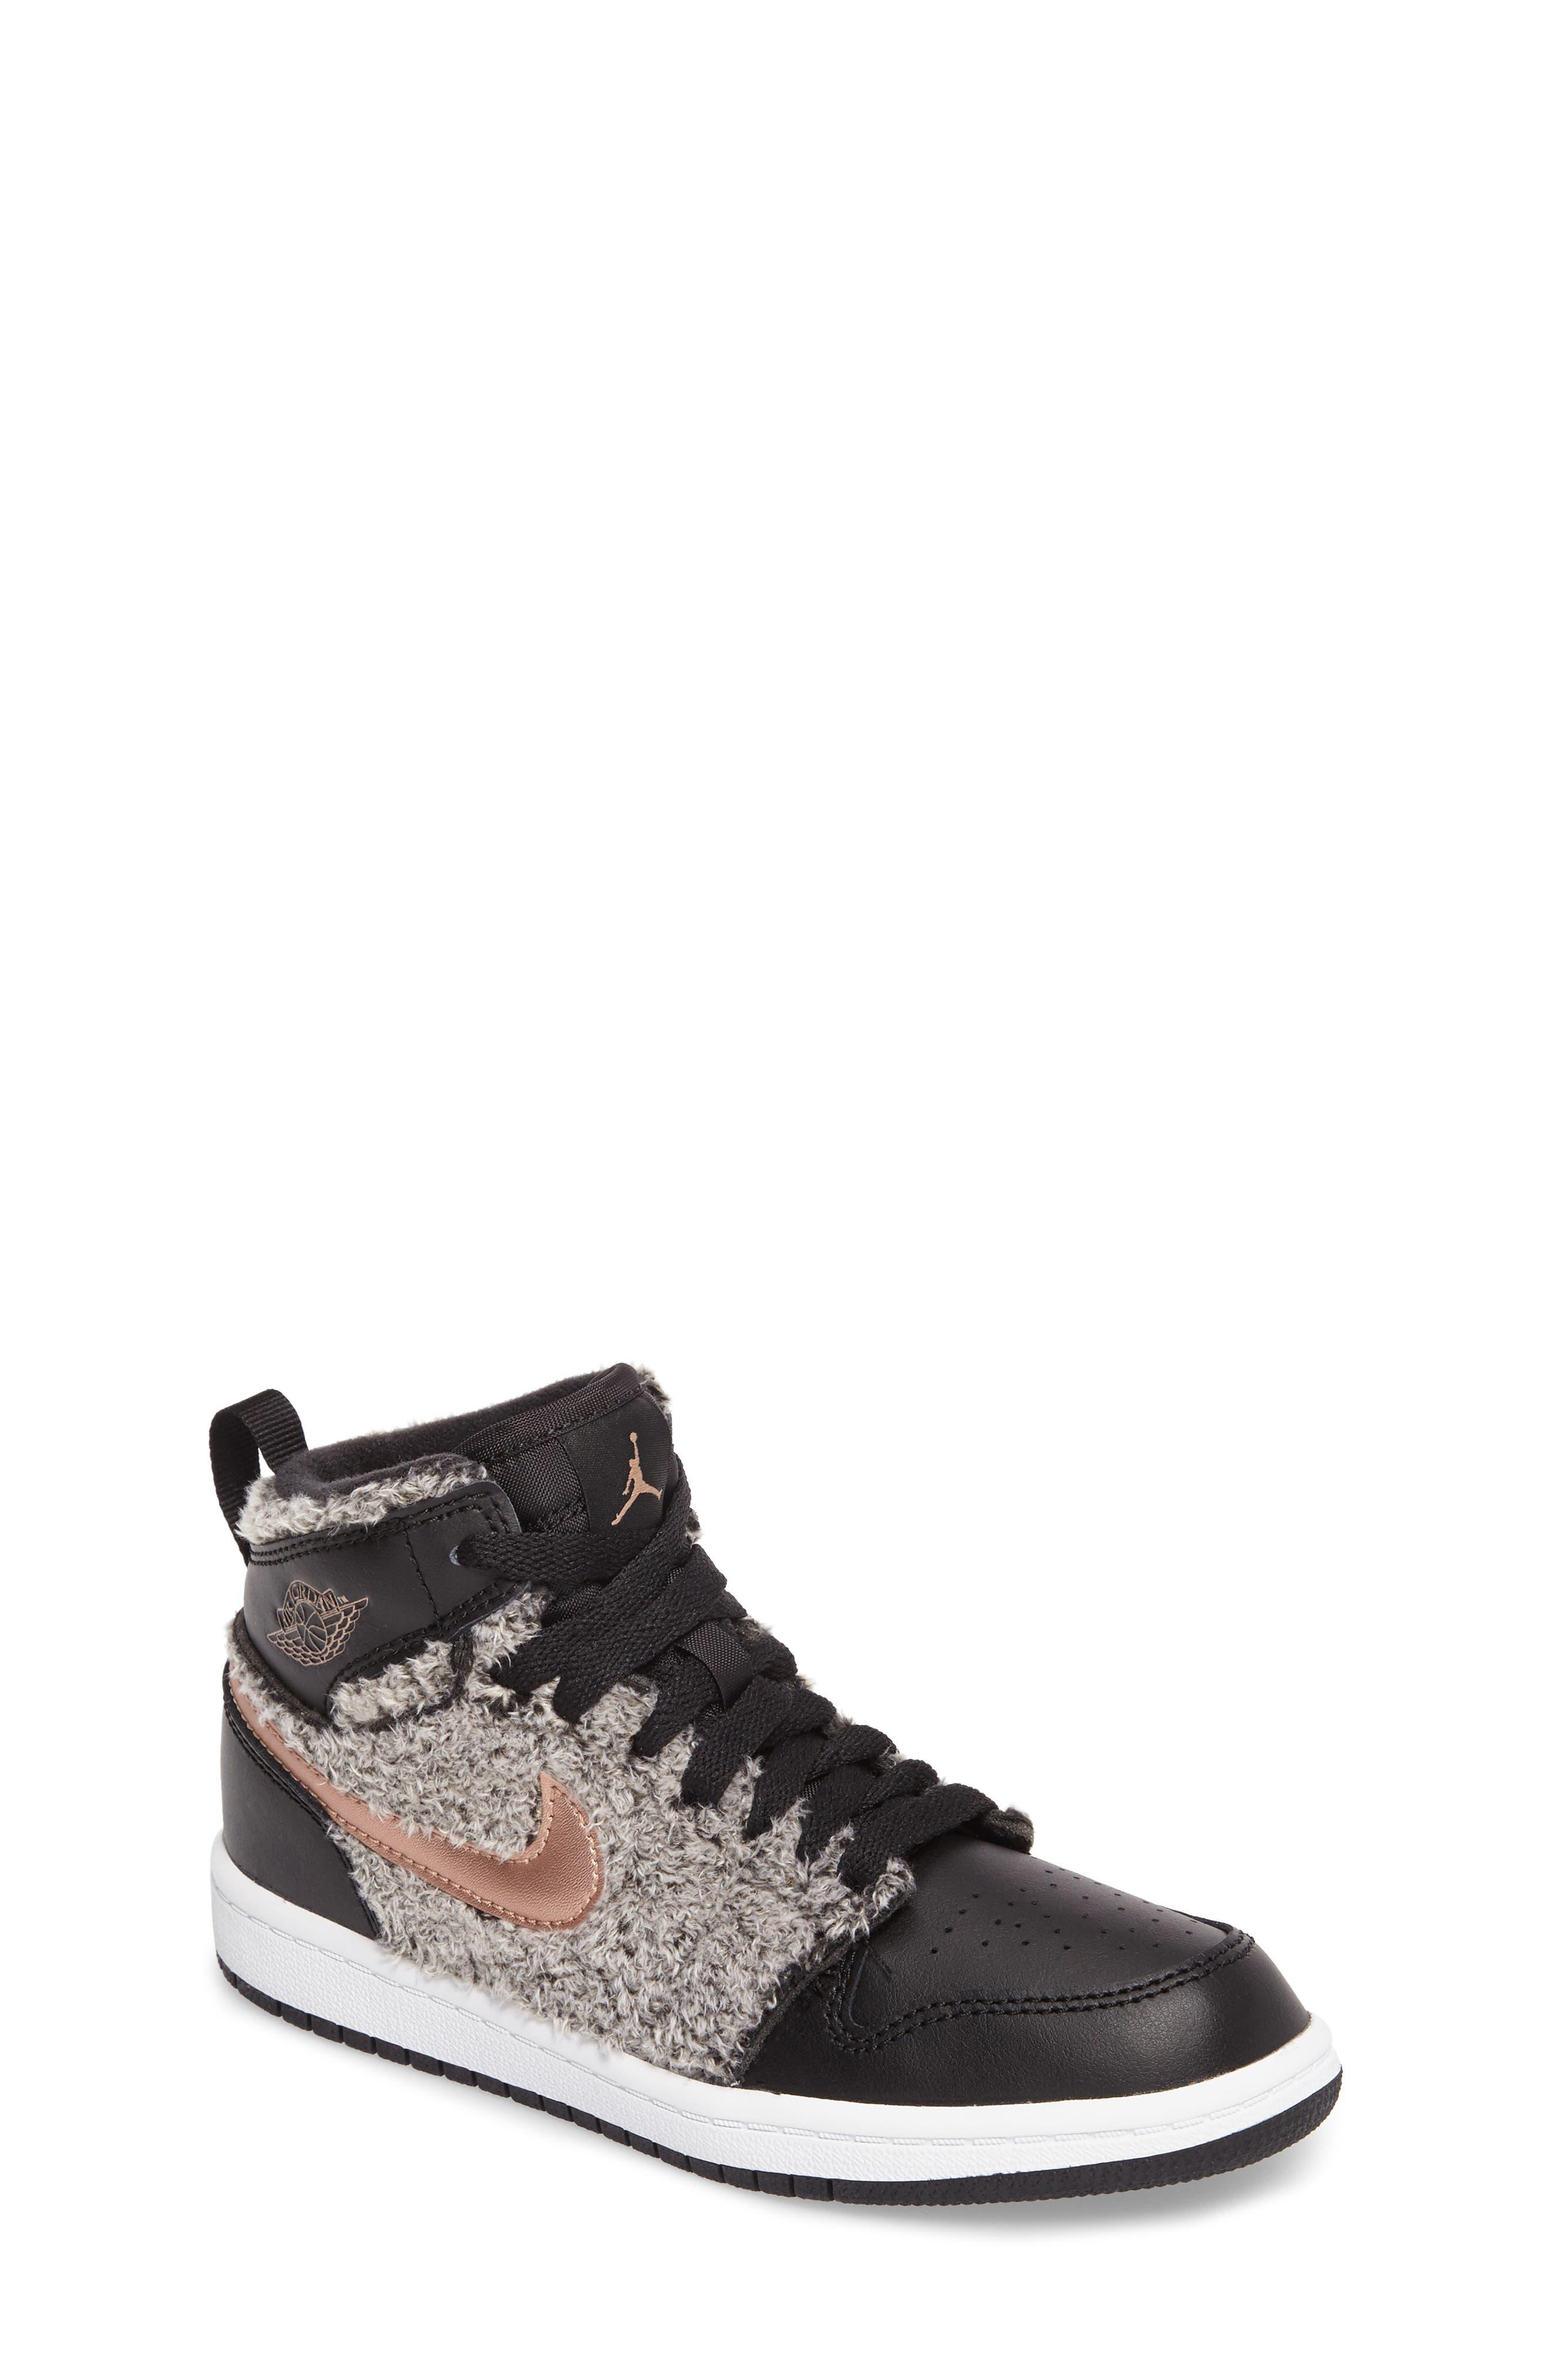 Nike Air Jordan 1 Retro Faux Fur High Top Sneaker,                             Main thumbnail 1, color,                             001